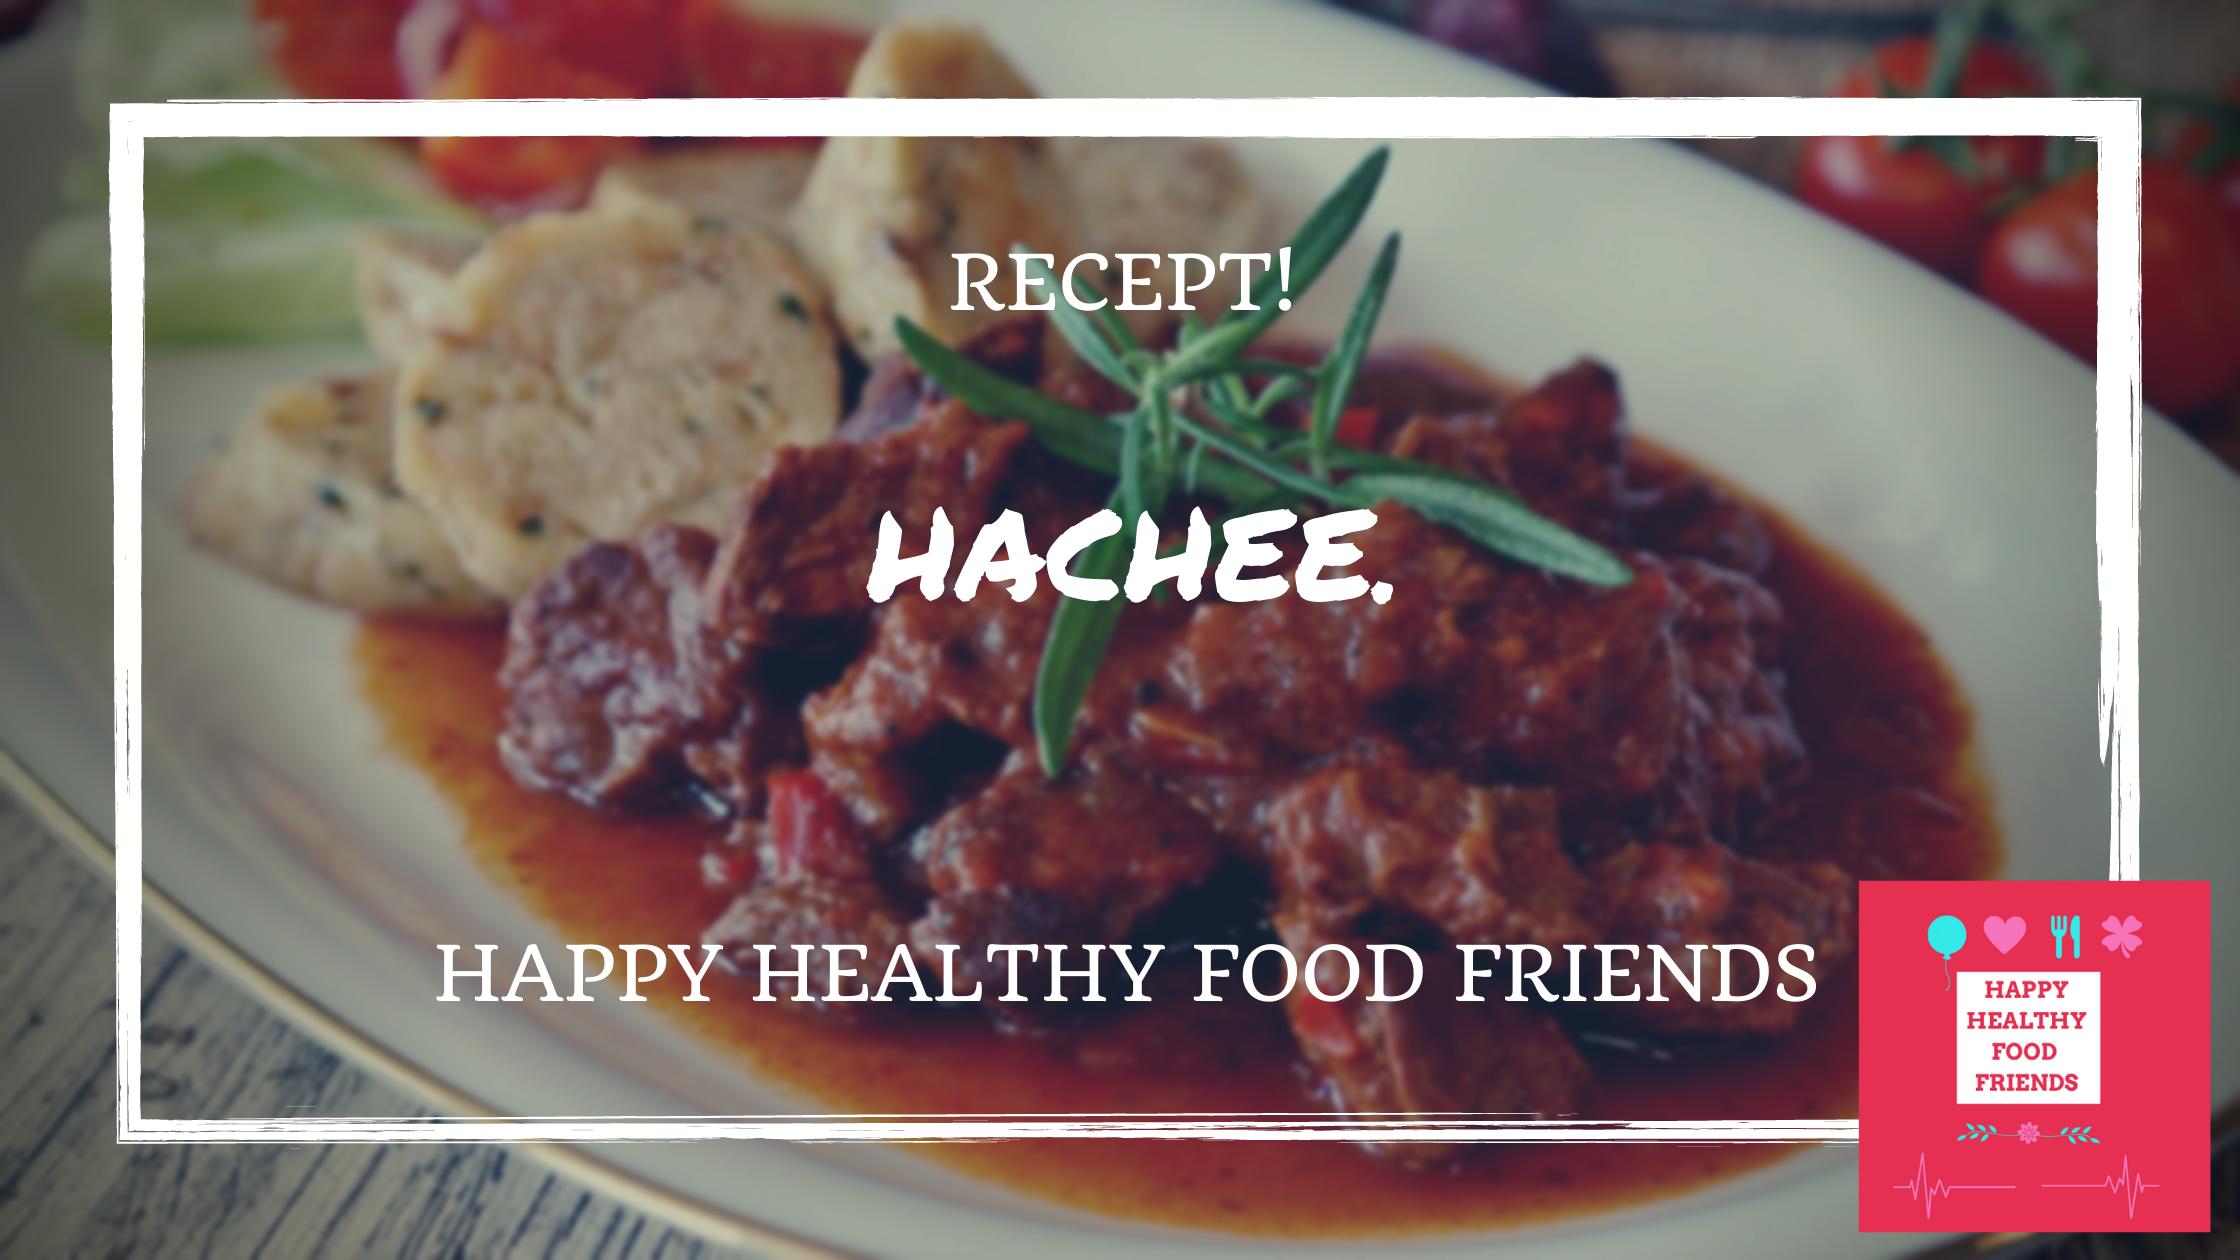 Hachee